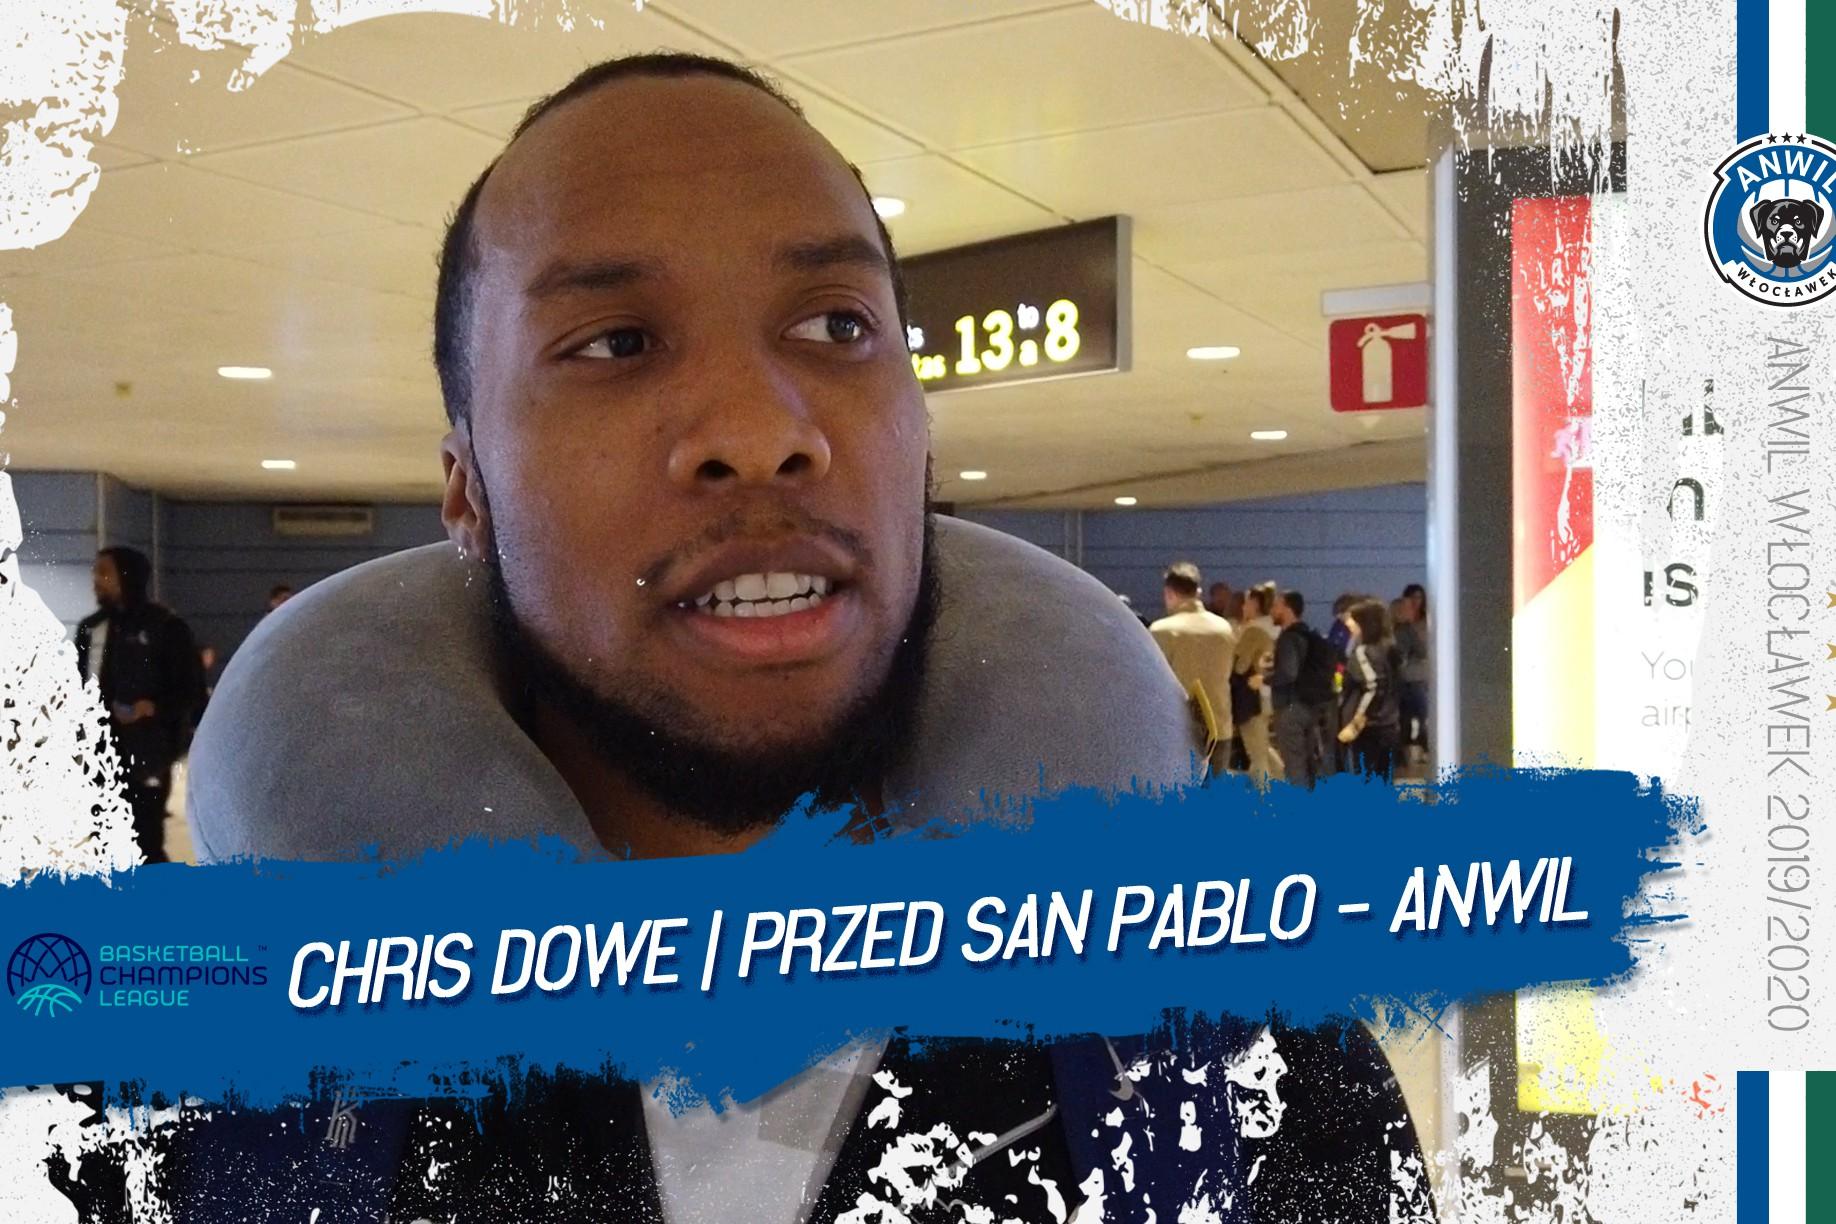 Chris Dowe | Przed San Pablo Burgos - Anwil Włocławek